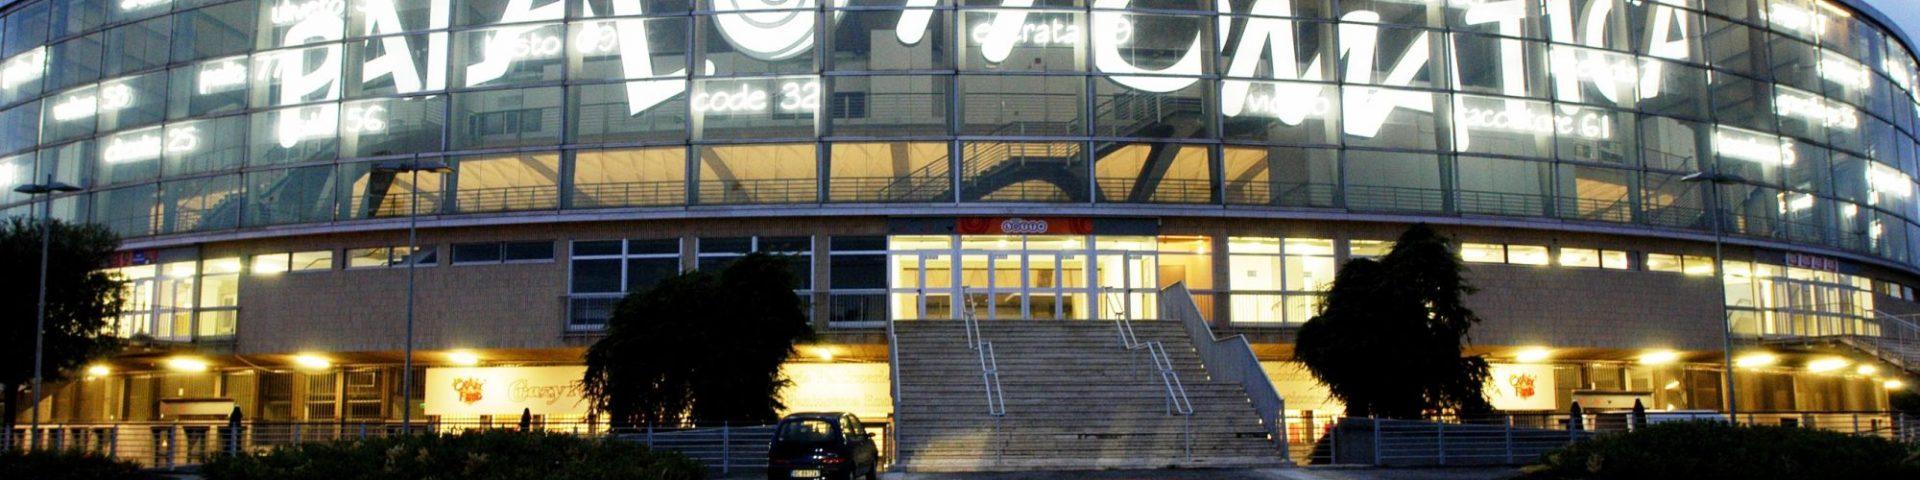 Palazzo dello Sport, dov'è, indirizzo, mappa, come arrivare